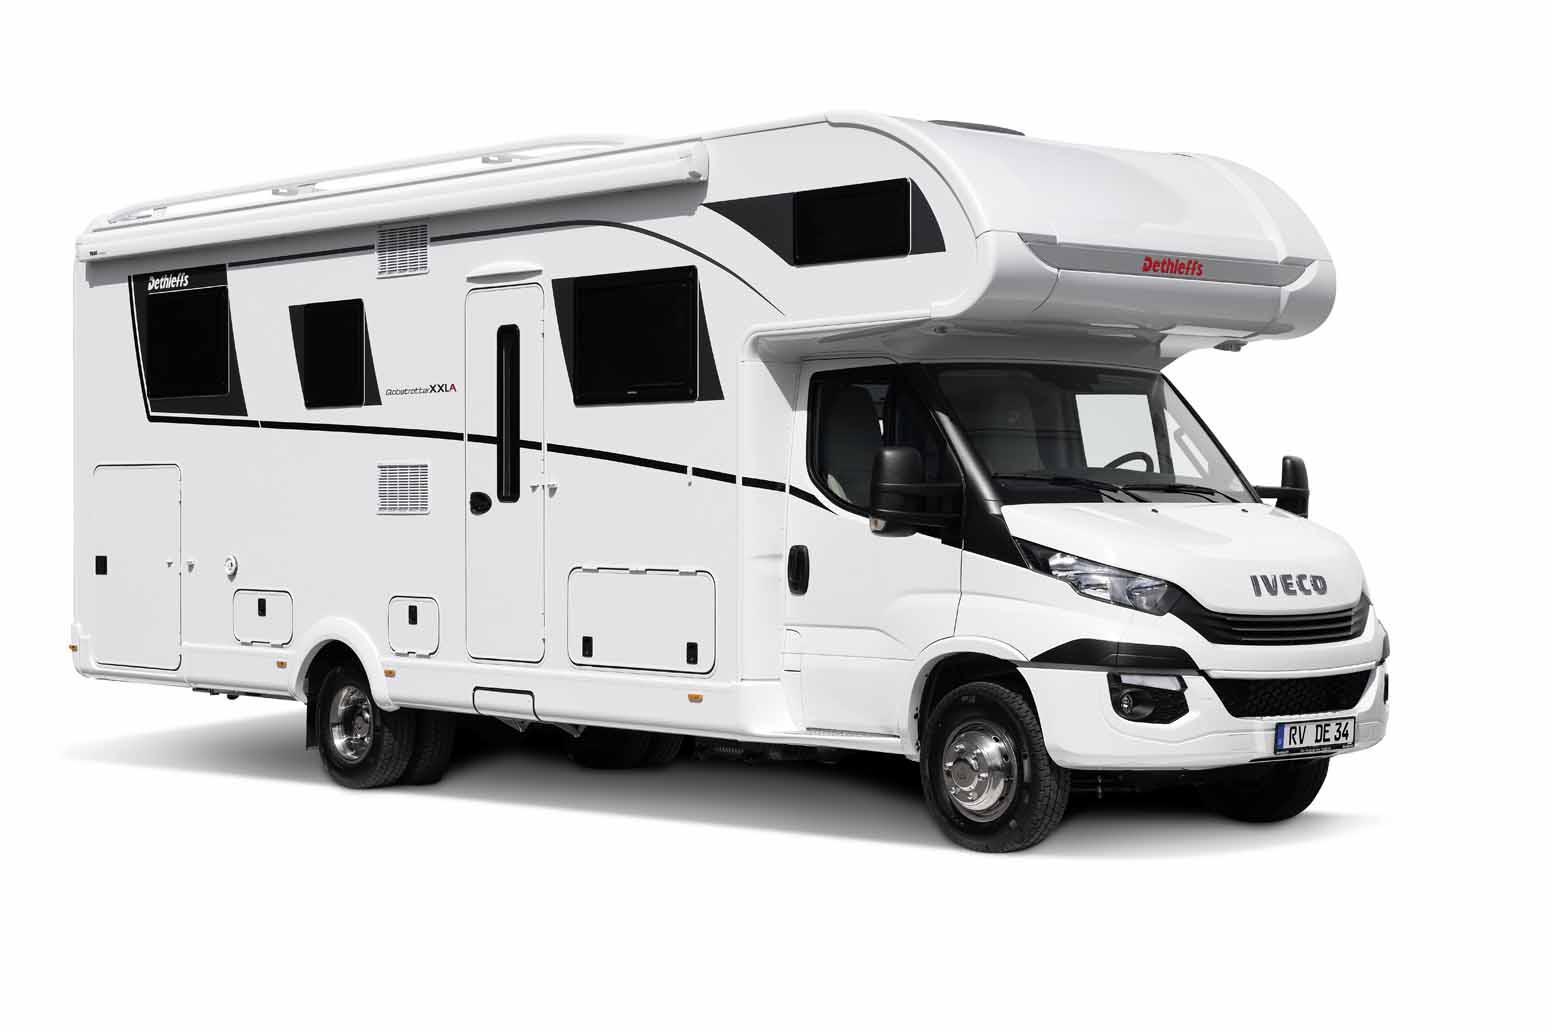 Wohnwagen Mit Etagenbett Xxl : Globetrotter xxl reisemobil dethleffs reisemobile und wohnmobile